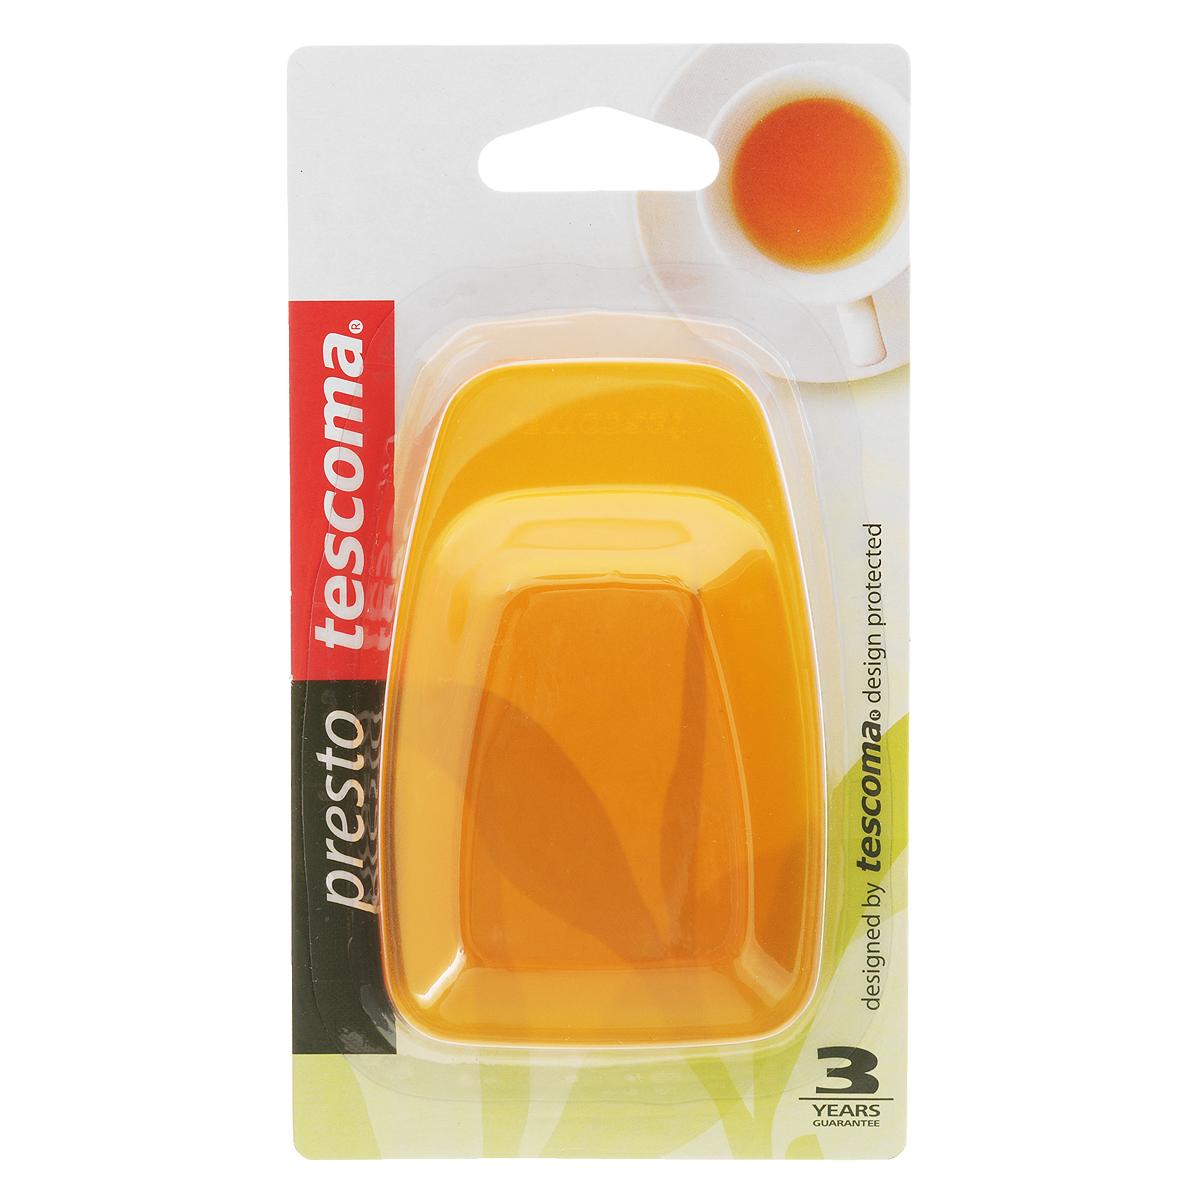 Поднос для чайных пакетов Tescoma Presto, цвет: оранжевый, 2 шт420681_оранжевыйПоднос Tescoma Presto используется как подставка для использованных чайных пакетиков. Выполнен из первоклассной прочной пластмассы. Можно мыть в посудомоечной машине.